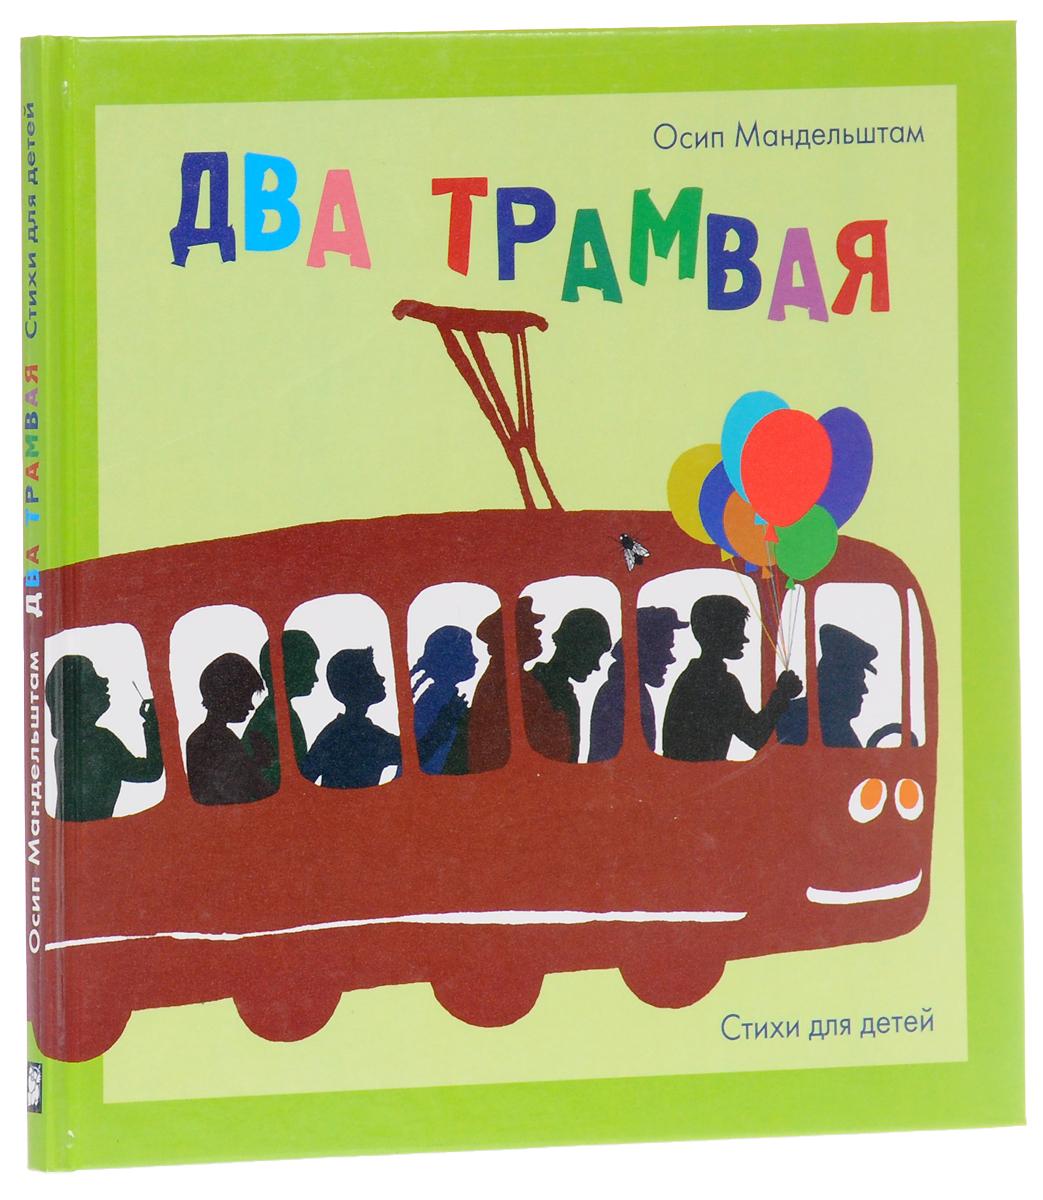 Осип Мандельштам Два трамвая